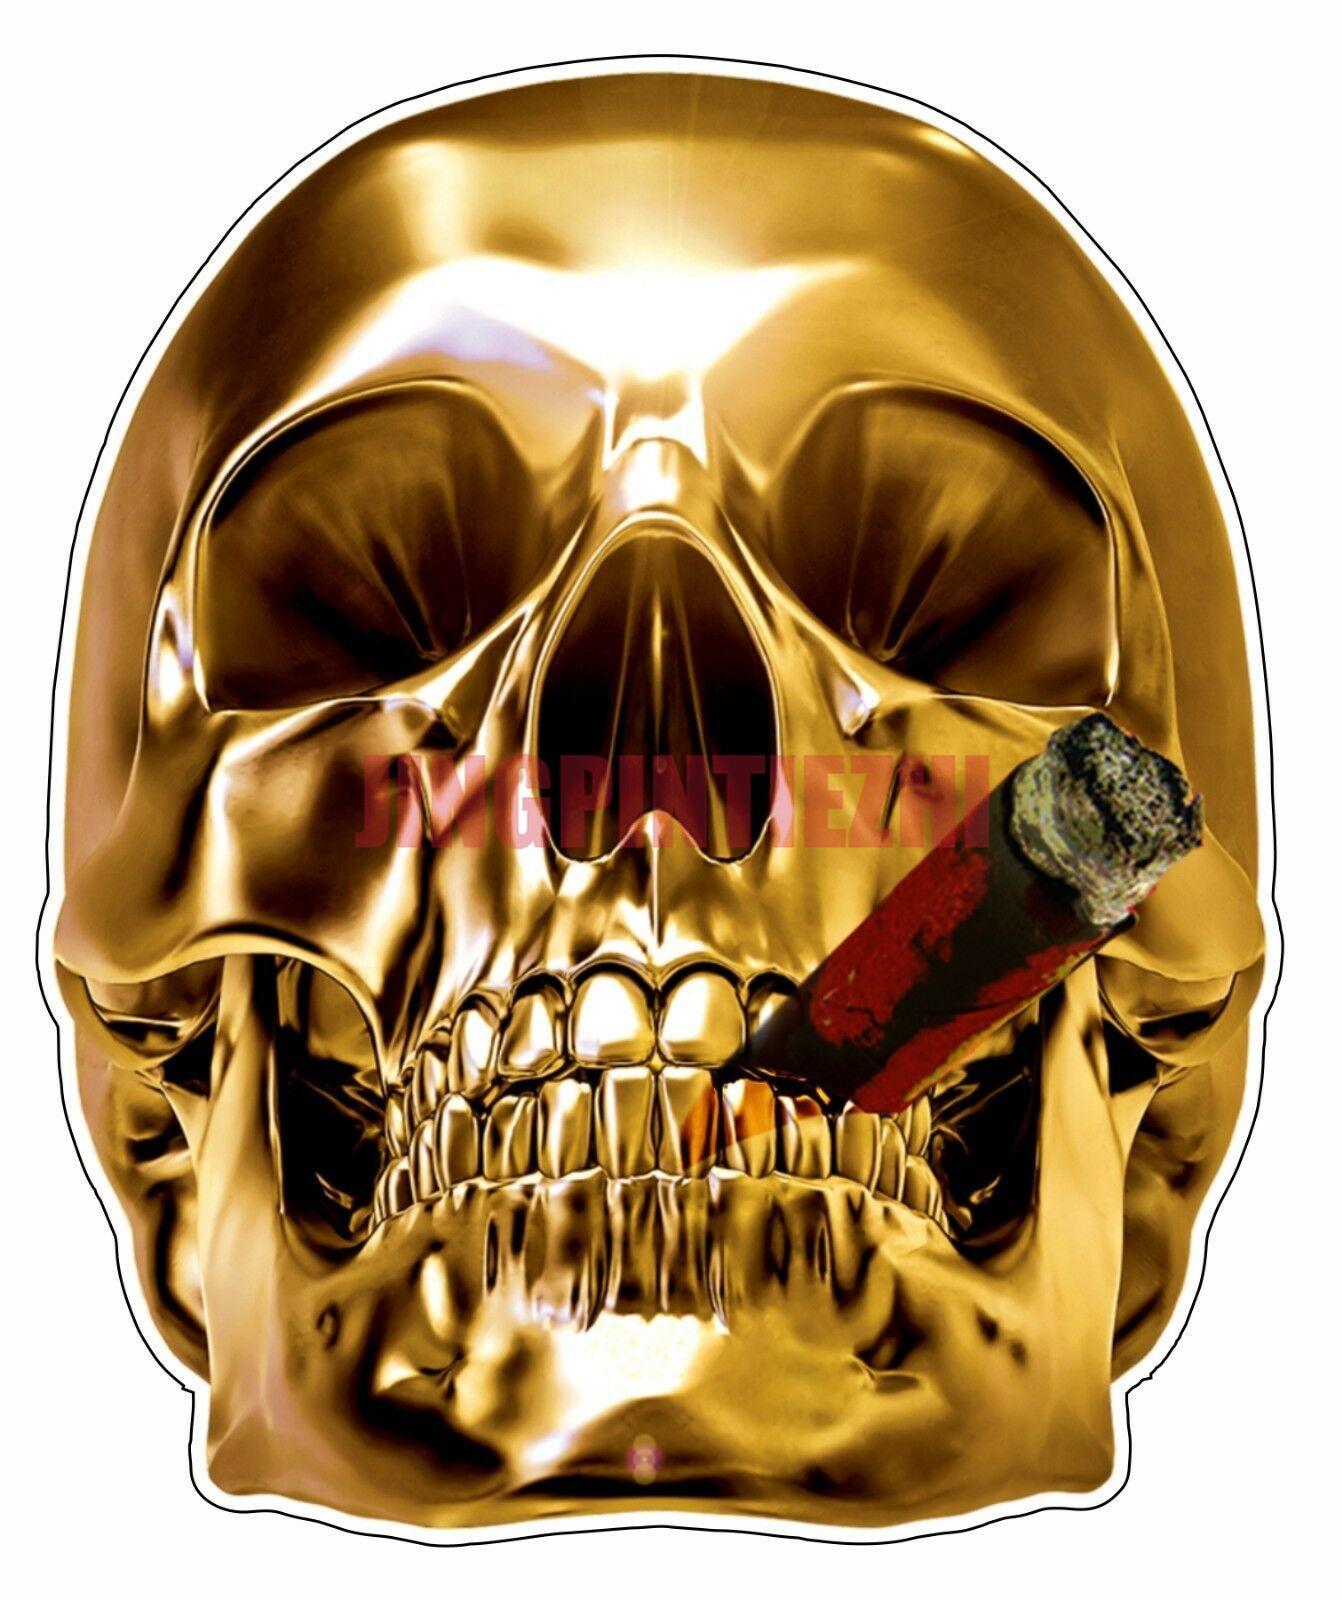 Мультяшная Автомобильная наклейка, золотой череп, курительная сигара, бампер, наклейка, Виниловая наклейка, автомобильная наклейка, украше...